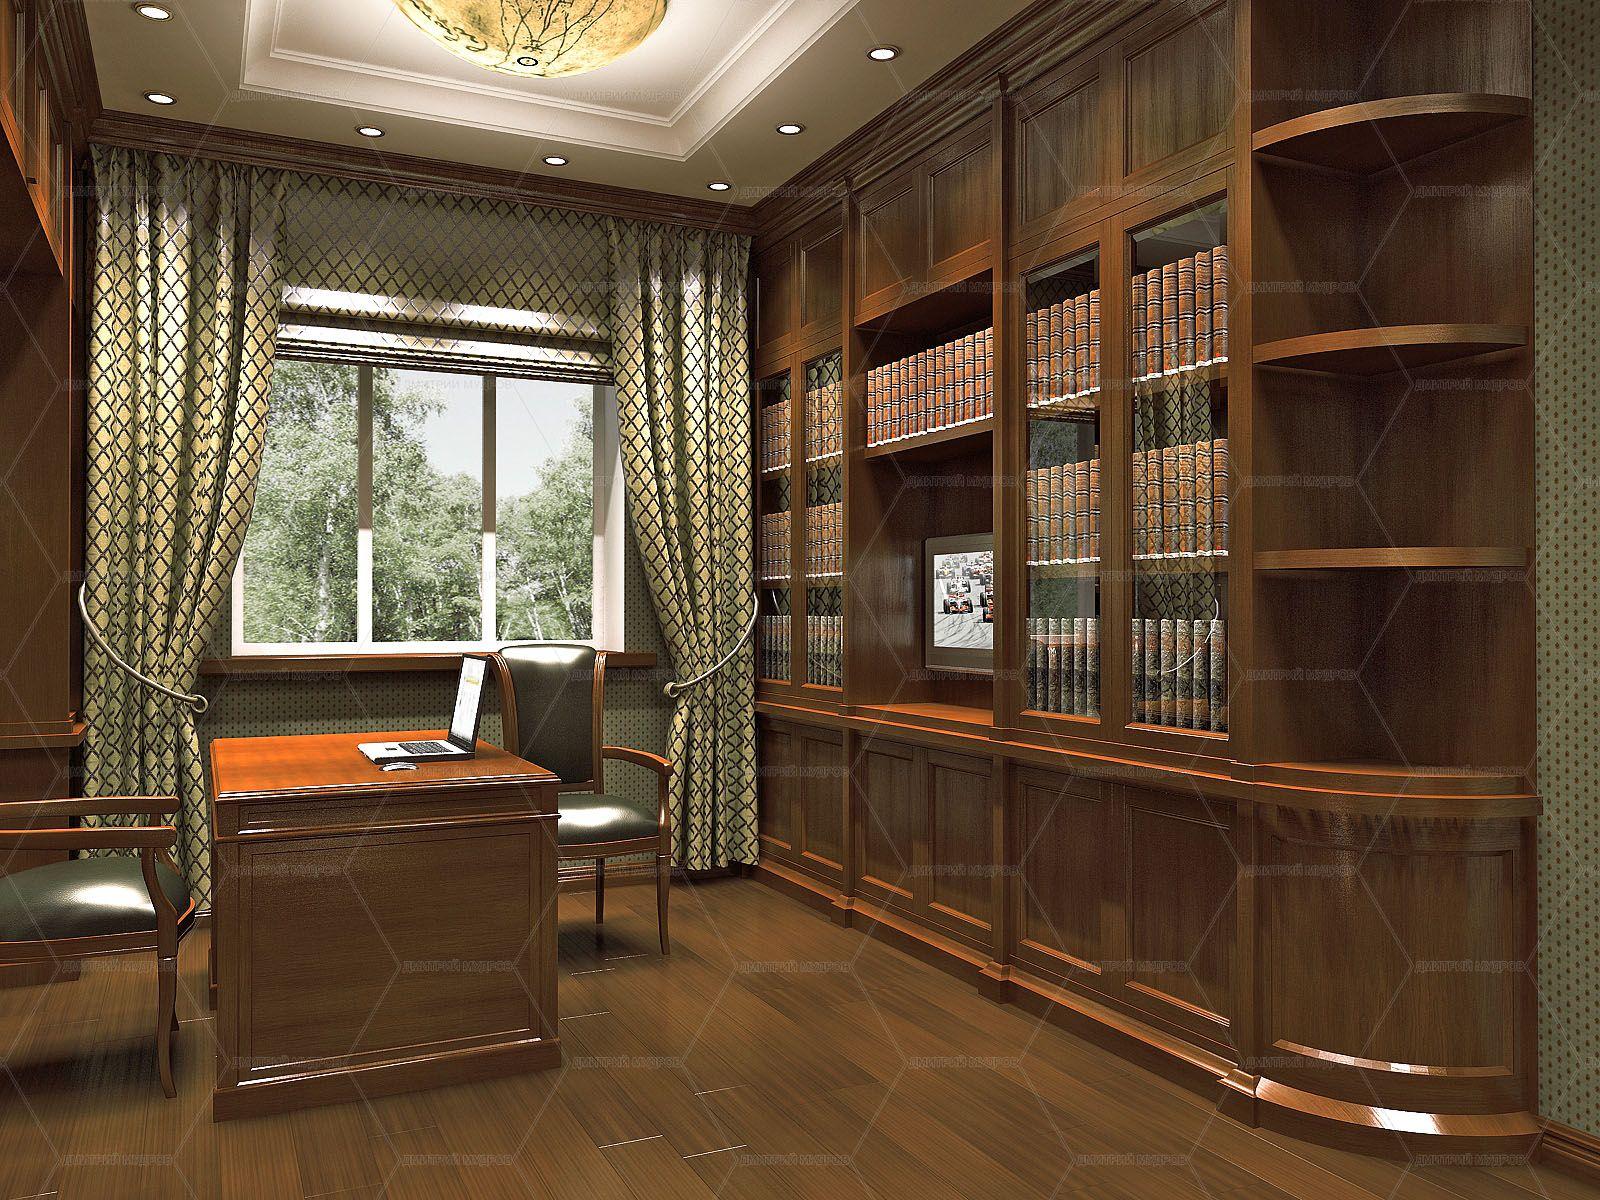 дизайн домашнего кабинета с фото погуглить, найти параметры